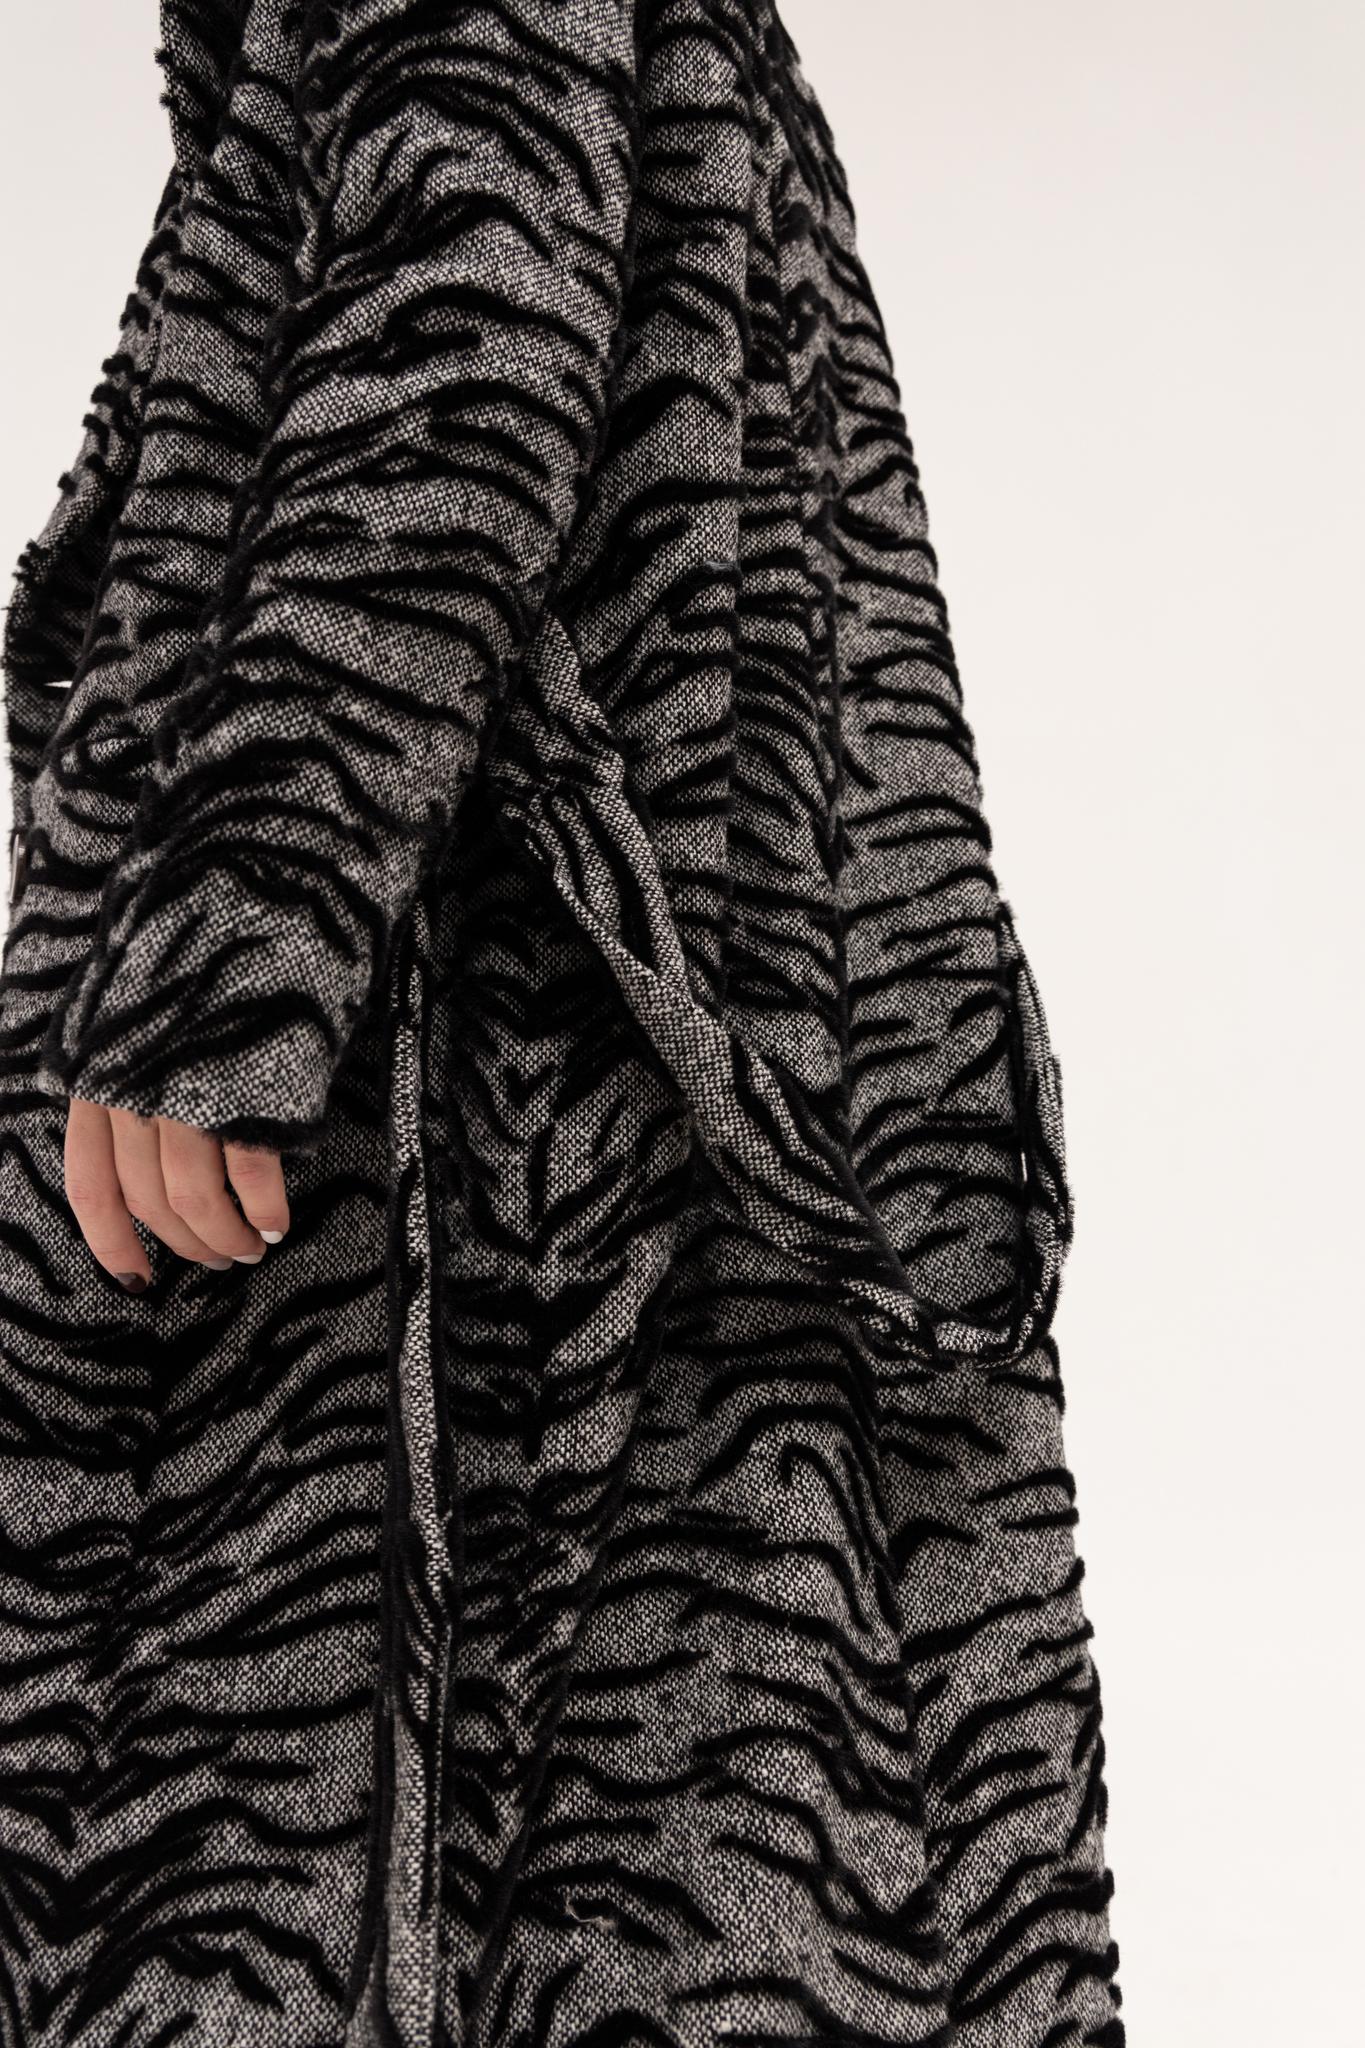 Пальто из шерсти с анималистичным принтом/Полли